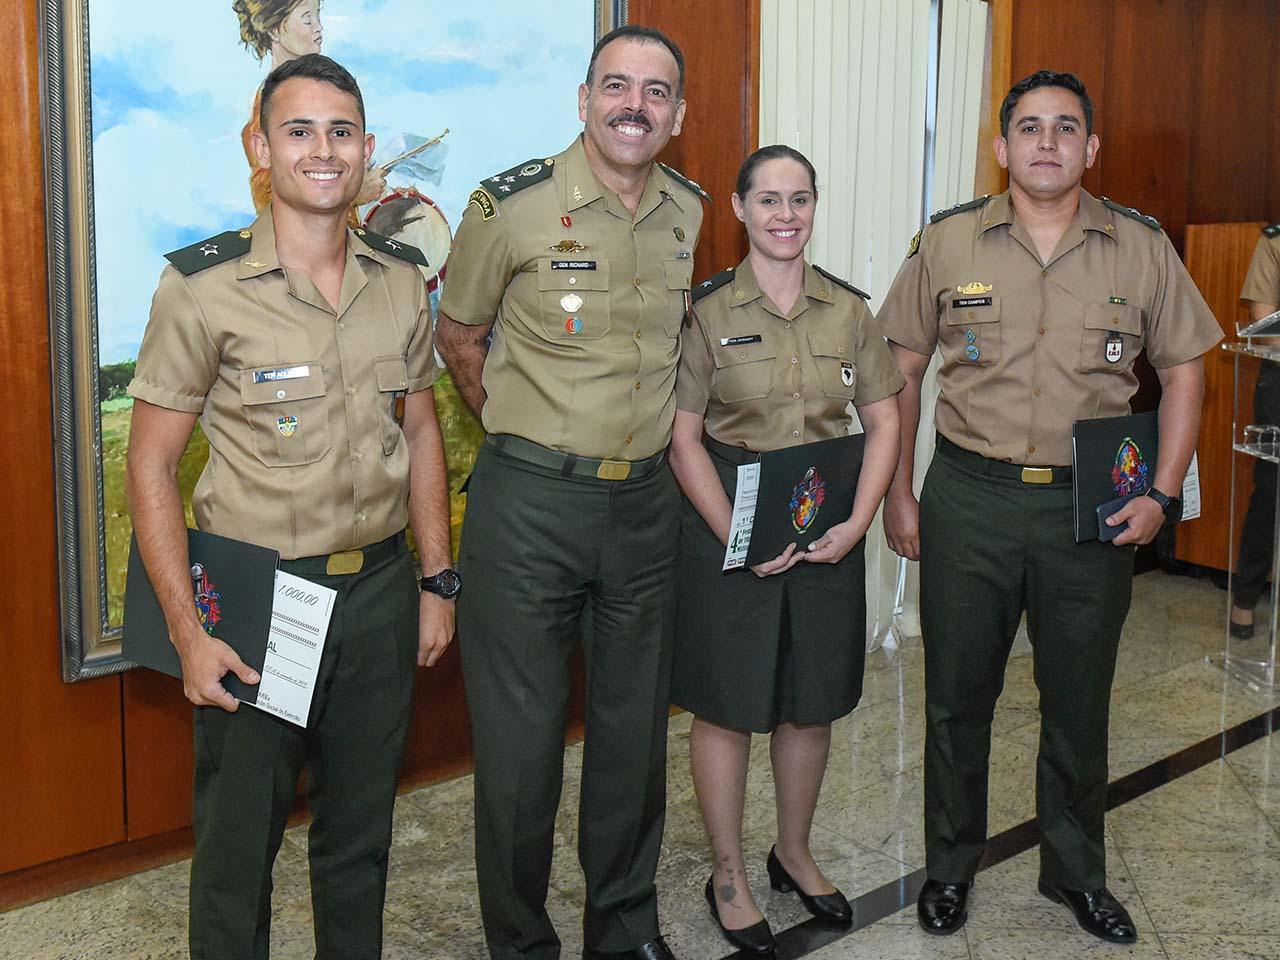 Premiação do 4º Festival de Filmes Militares reúne vencedores de diferentes organizações militares